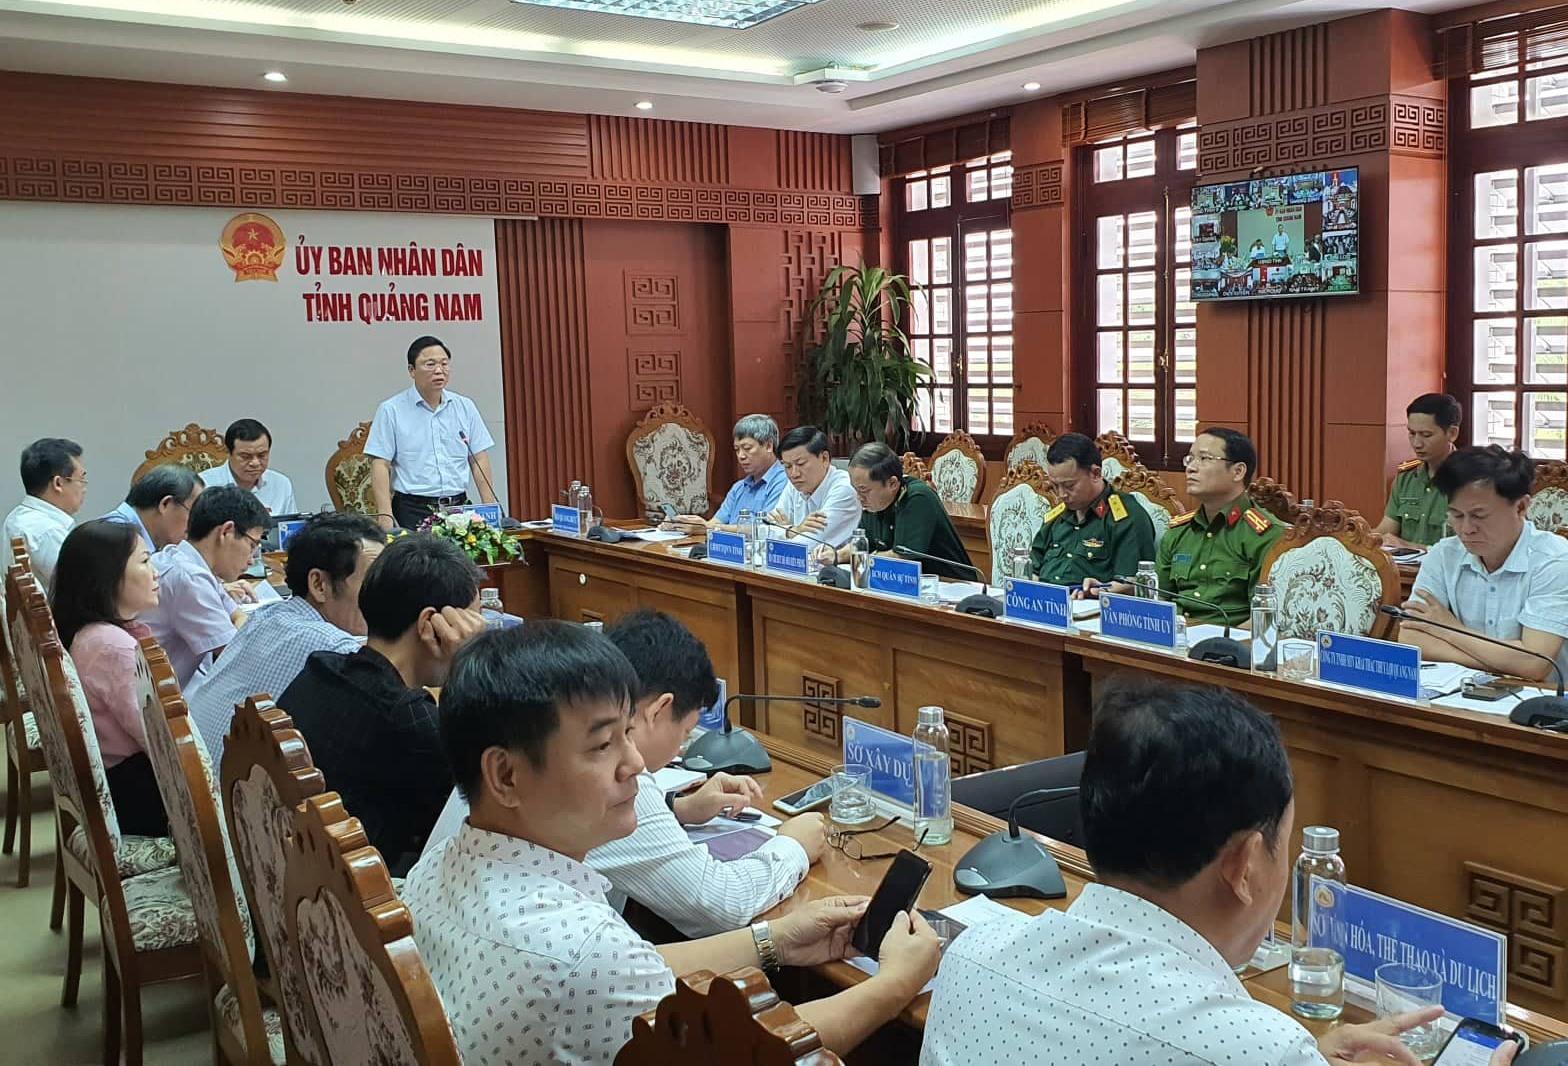 Chủ tịch UBND tỉnh Lê Trí Thanh yêu cầu các địa phương tuyệt đối không được chủ quan trước bão số 9. Ảnh: T.C